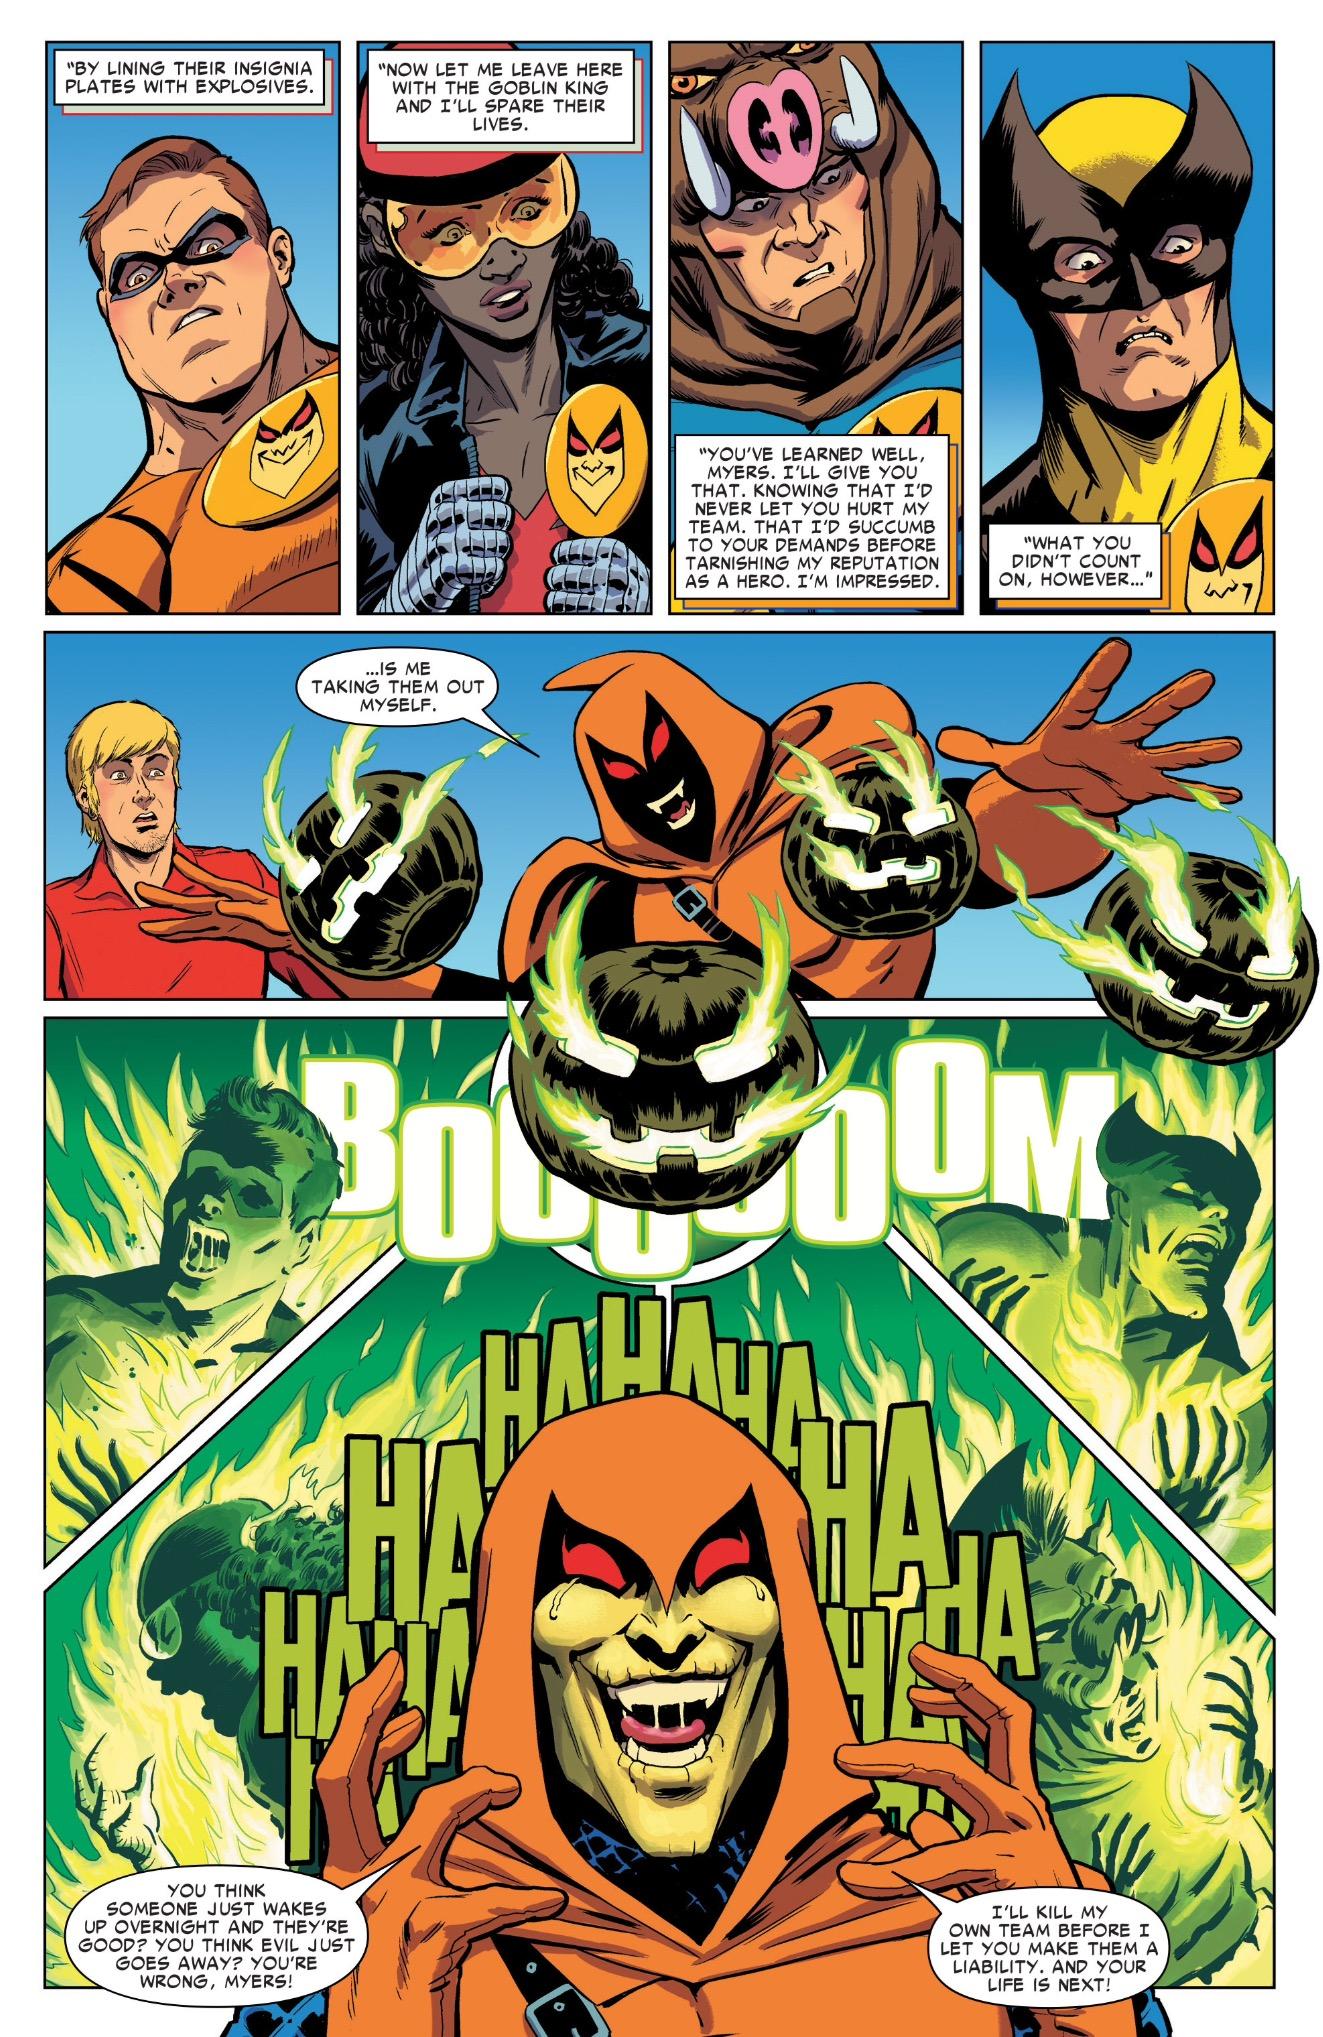 Hobgoblin Marvel Axis Axis Hobgoblin 3 04